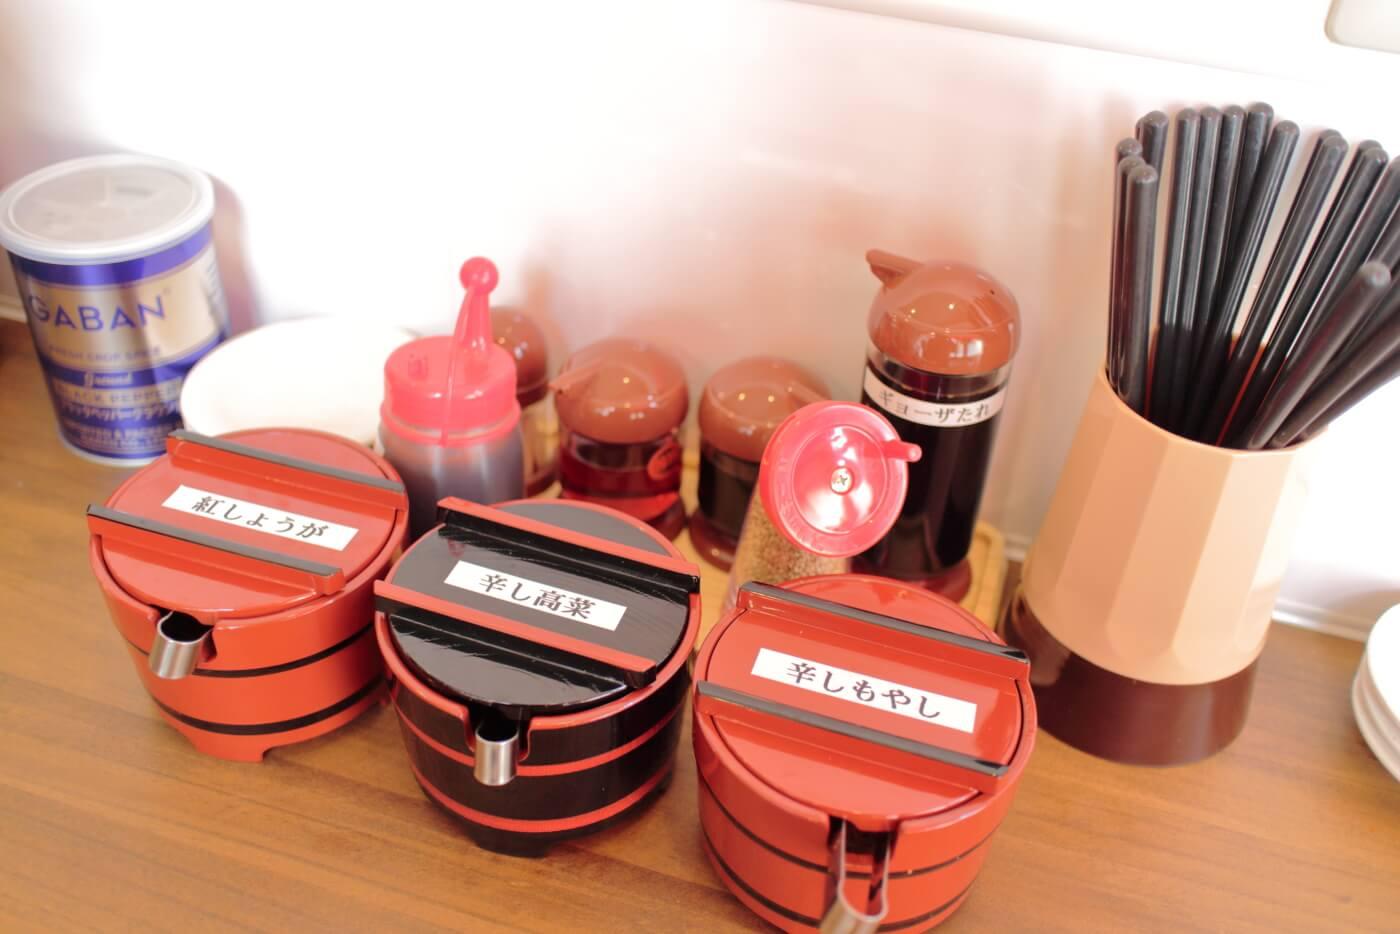 博多の風 らーめん九州男kusuo 店内カウンター席に置かれた薬味